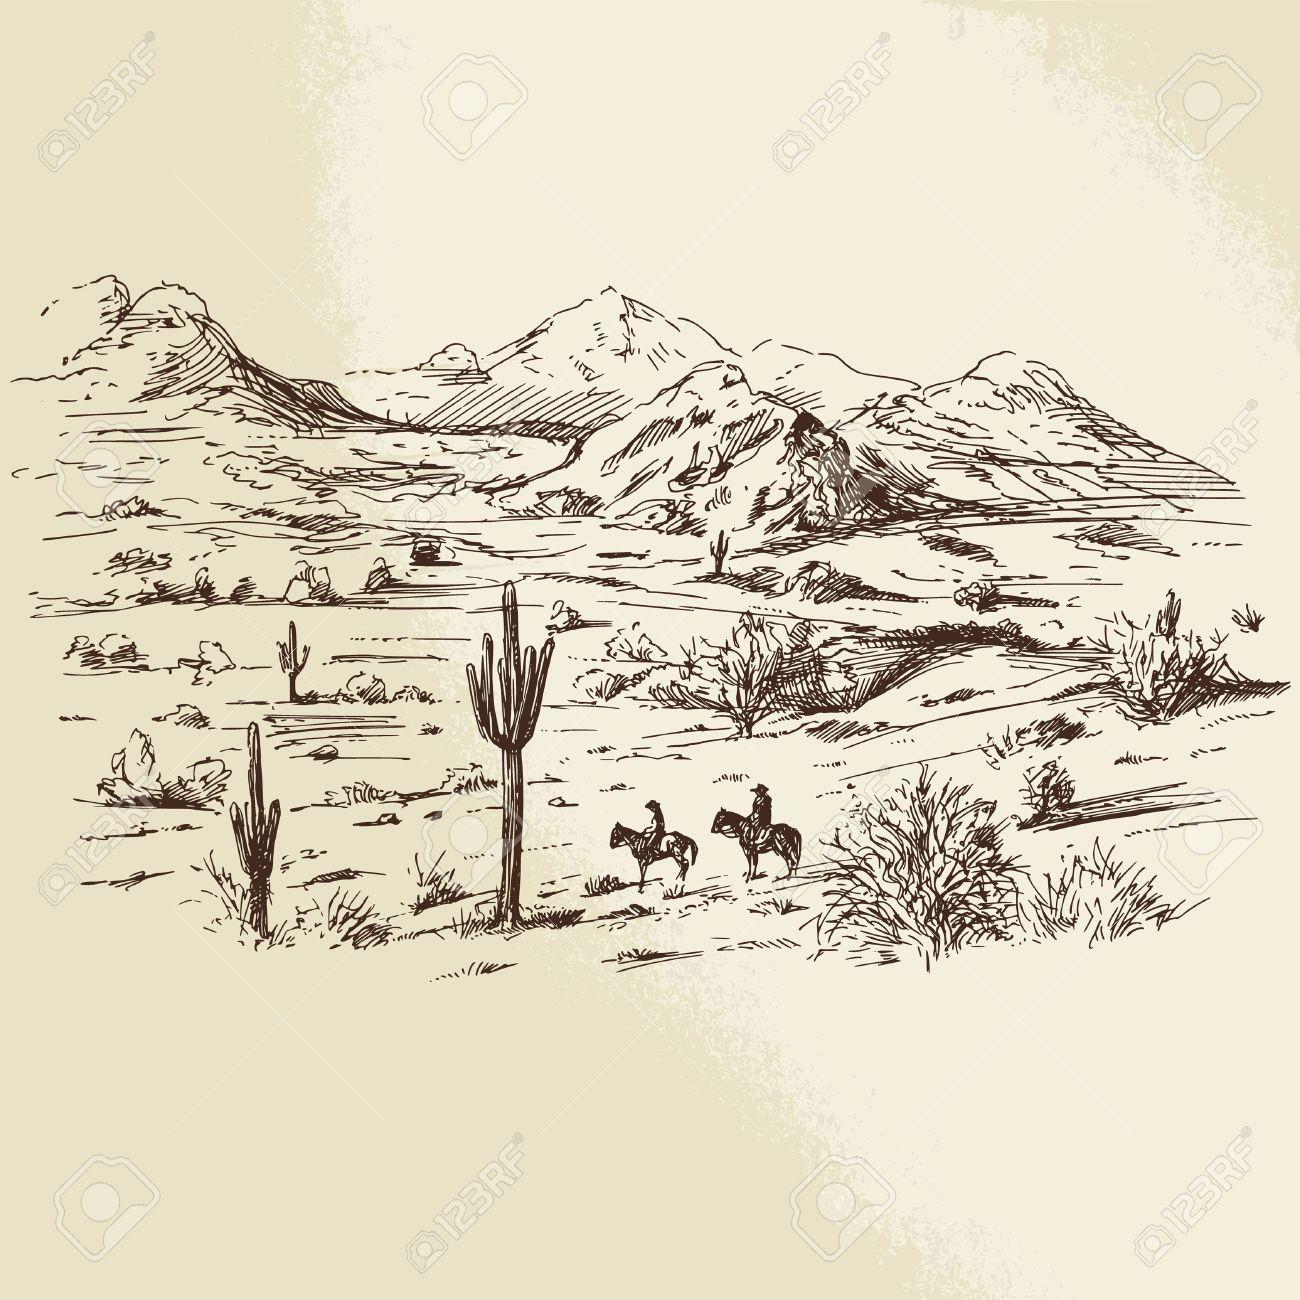 wild west - hand drawn illustration - 36853312